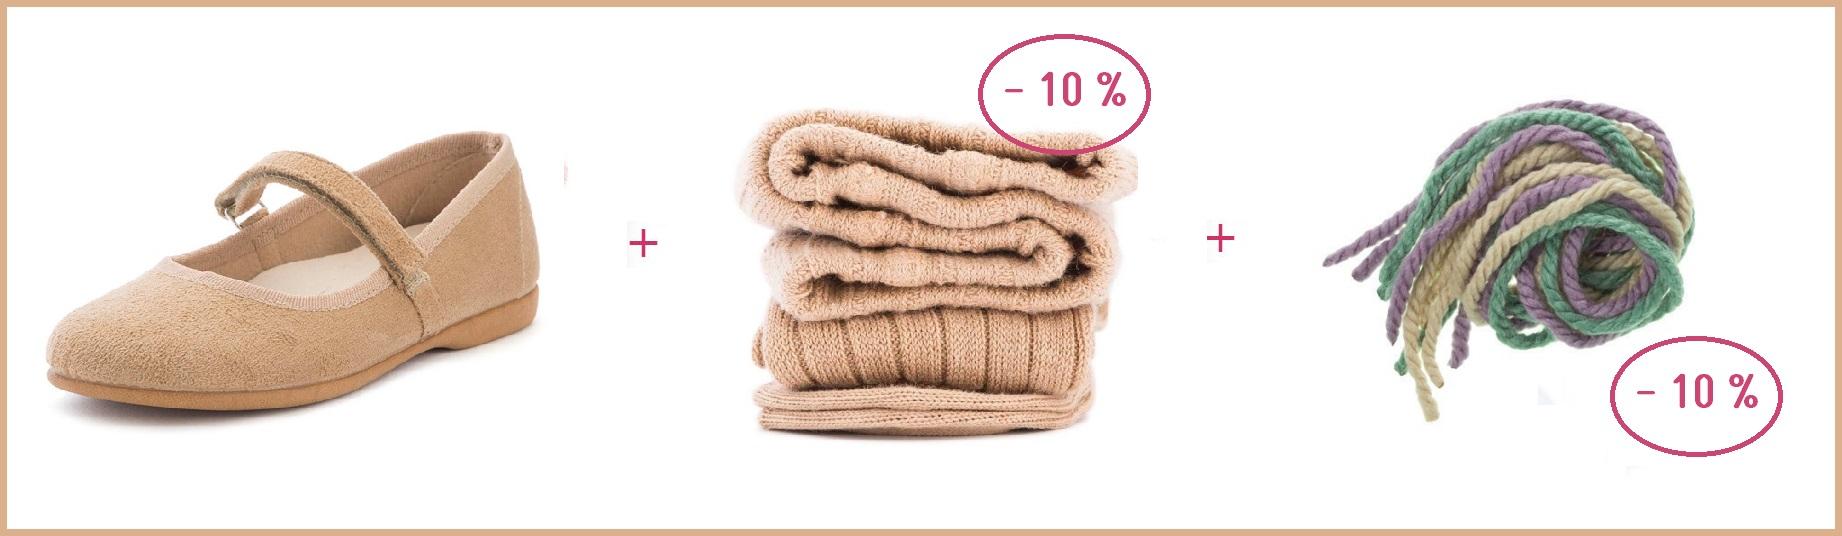 Calzamaglie condor a prezzi più bassi! E calze, elastici per capelli, guanti... Approfitta del nostro sconto Pisacombos!